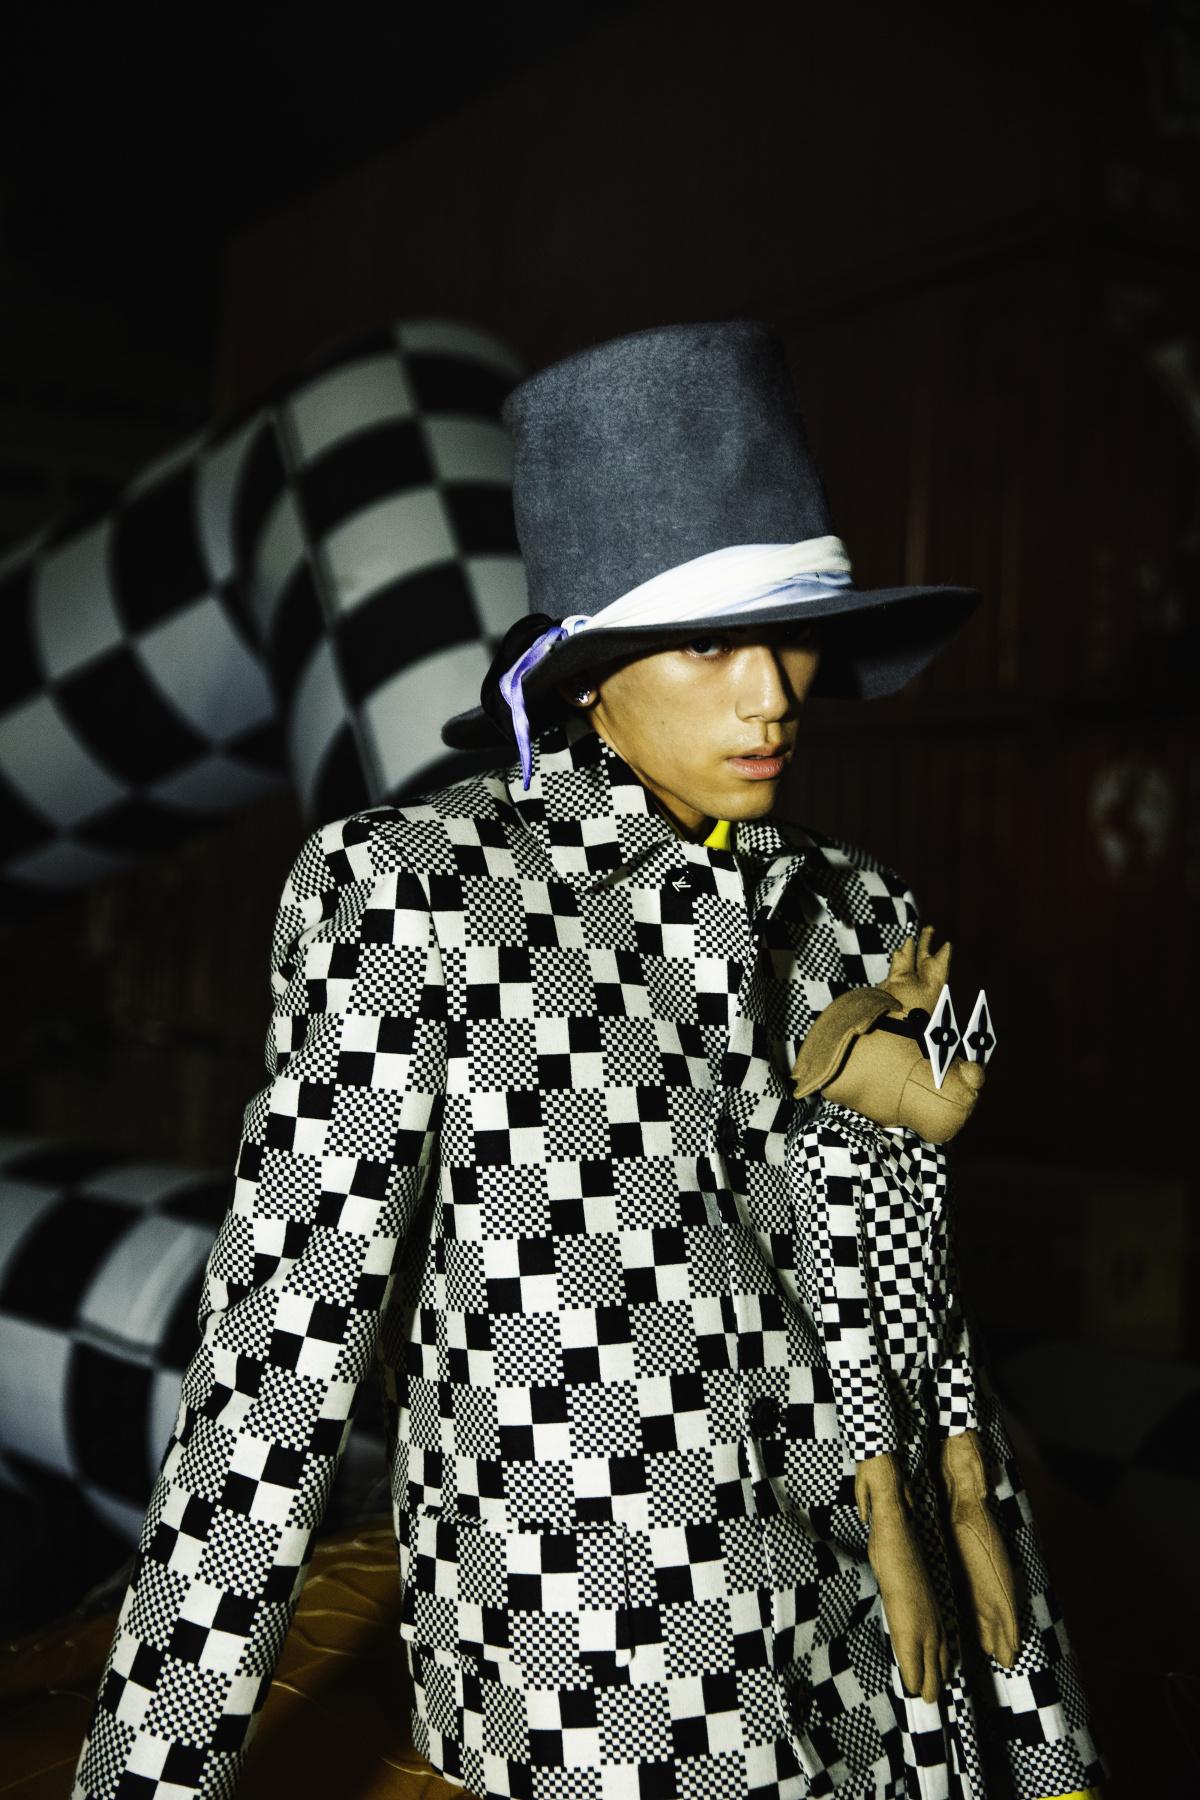 ファッションの未来を示唆した、壮大なスケールで描くクリエイション